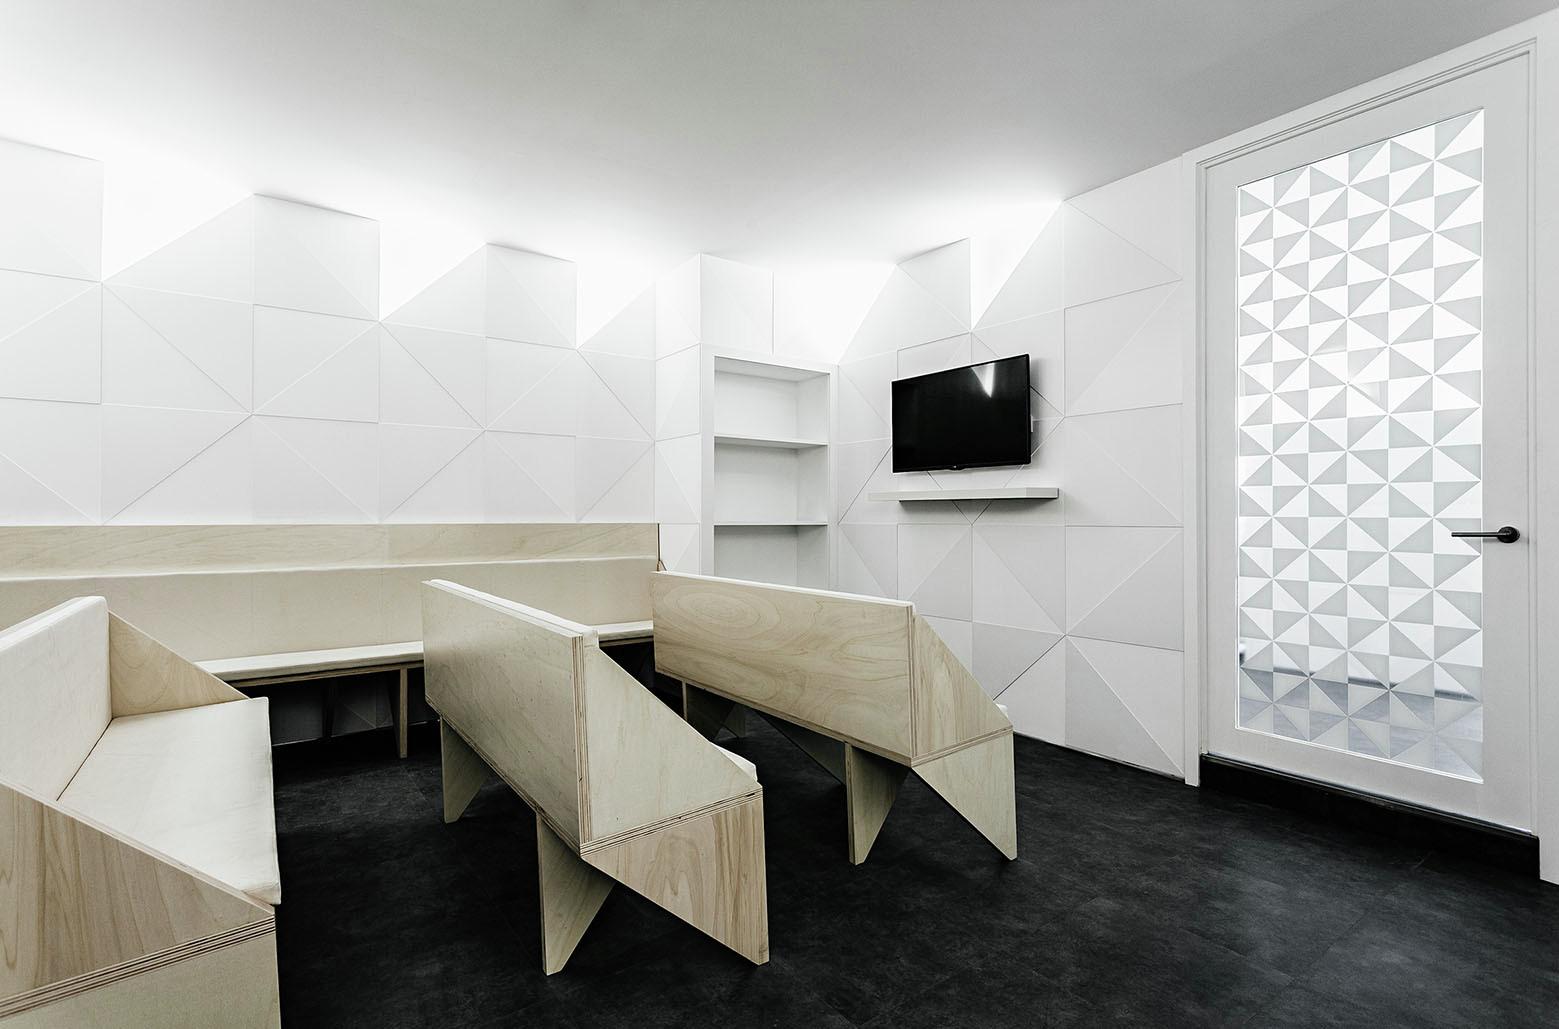 Dise O Y Arquitectura De Clinica Dental Plataforma Arquitectura # Muebles Odontologicos Colombia